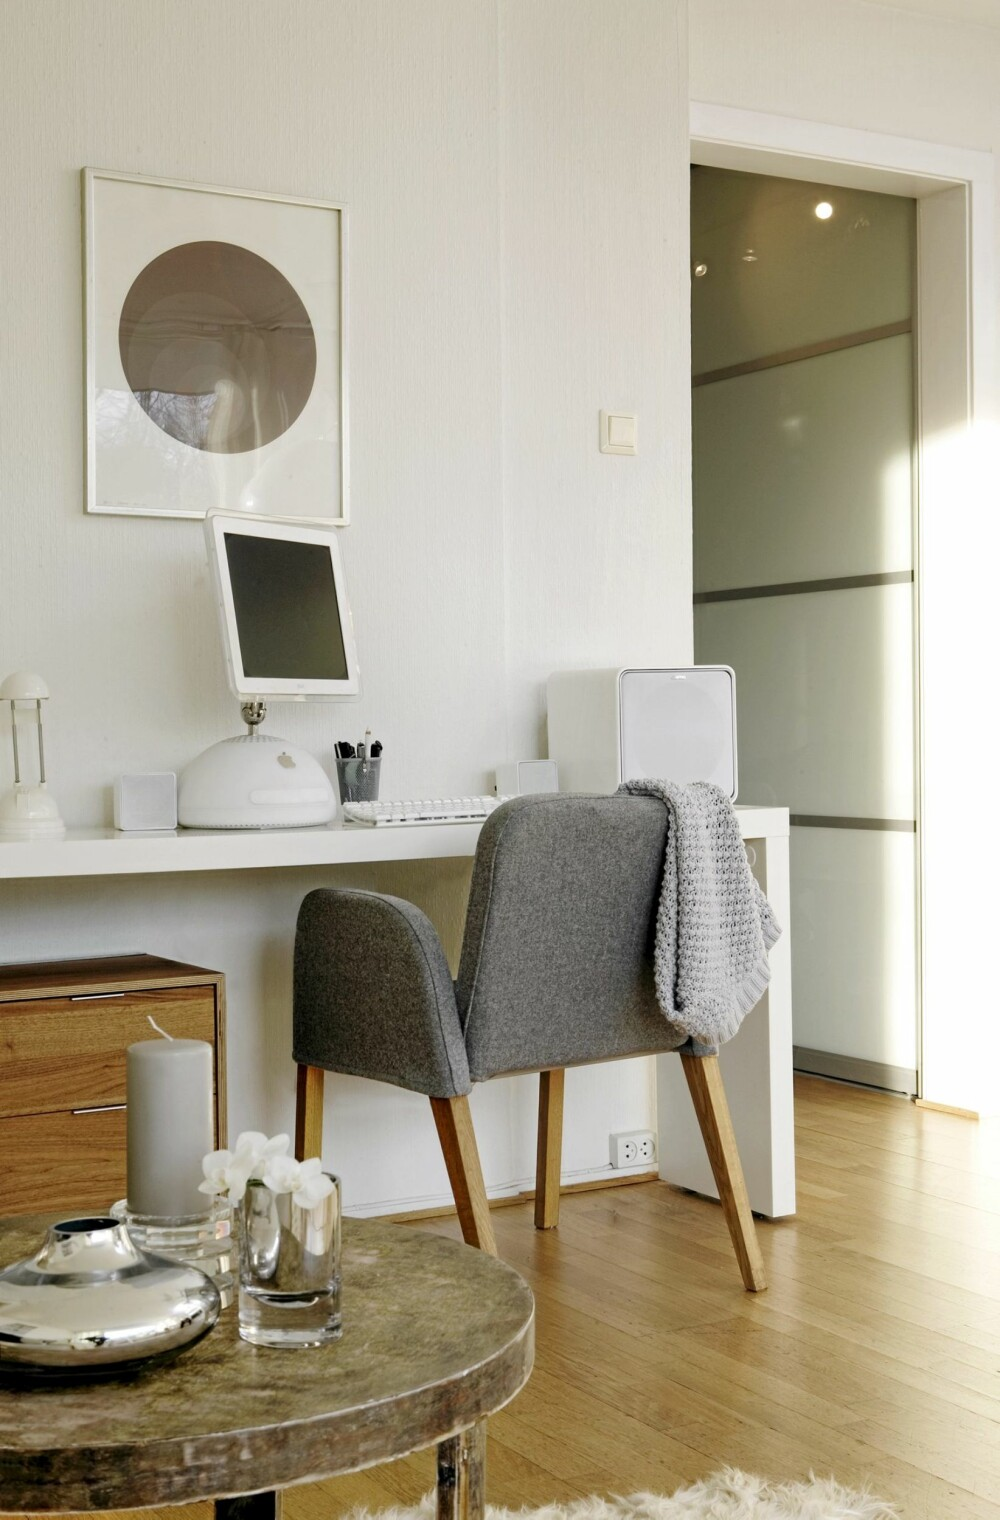 ARBEIDPLASS I STUA: Skrivebordet er et sengebord med hjul, fra Ikea. Det tar liten plass, men gir god arbeidsflate.